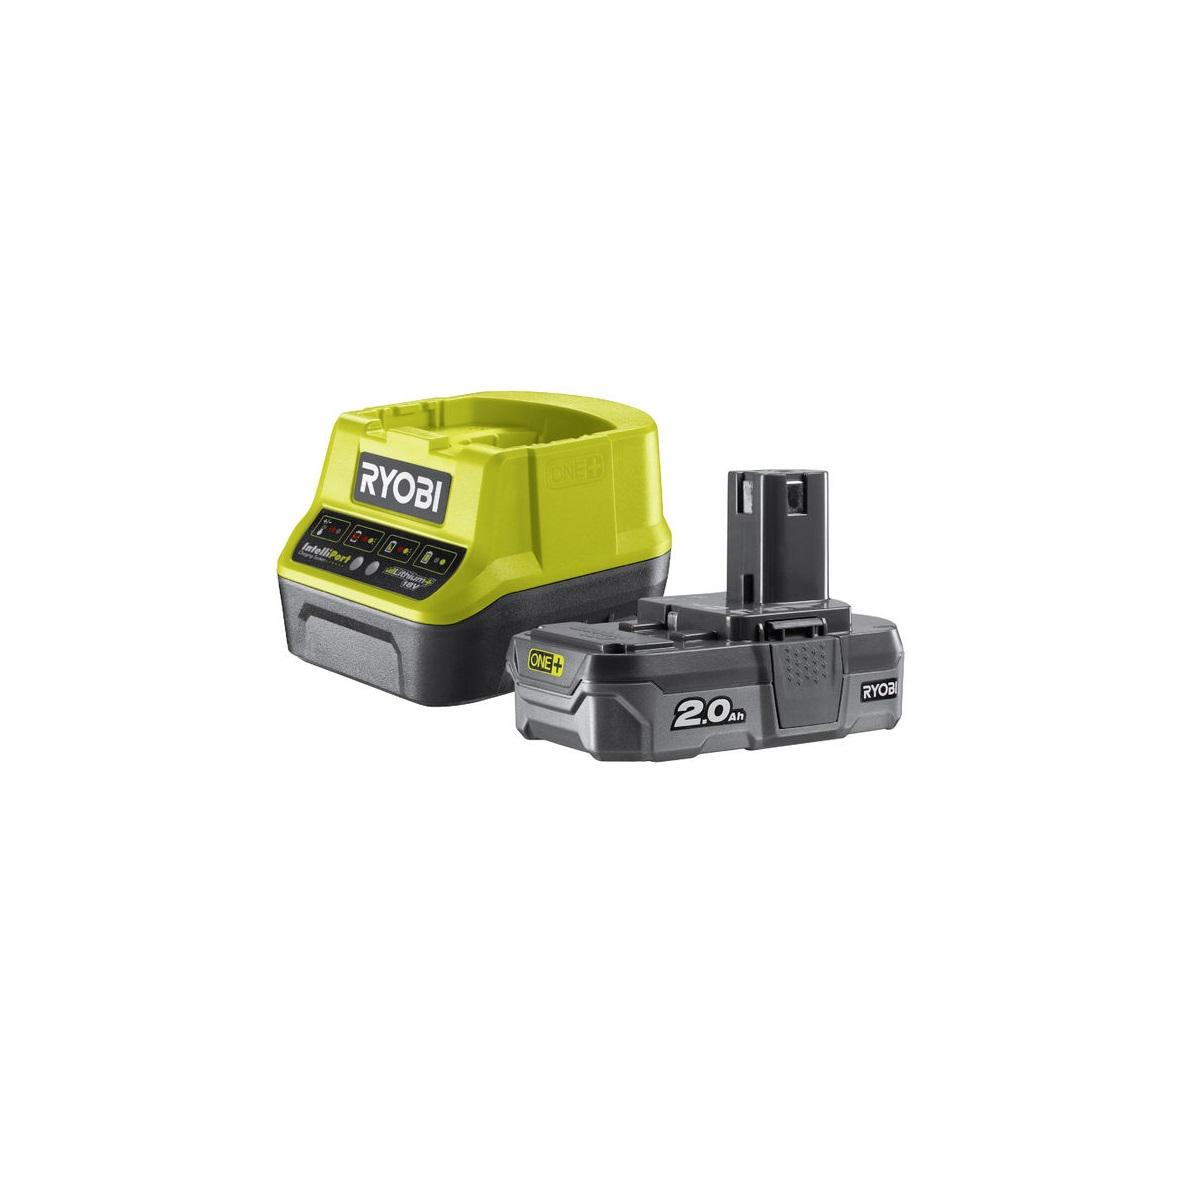 Ryobi RC18120-120sada 18 V lithium iontová baterie 2 Ah s nabíječkou RC18120 ONE+